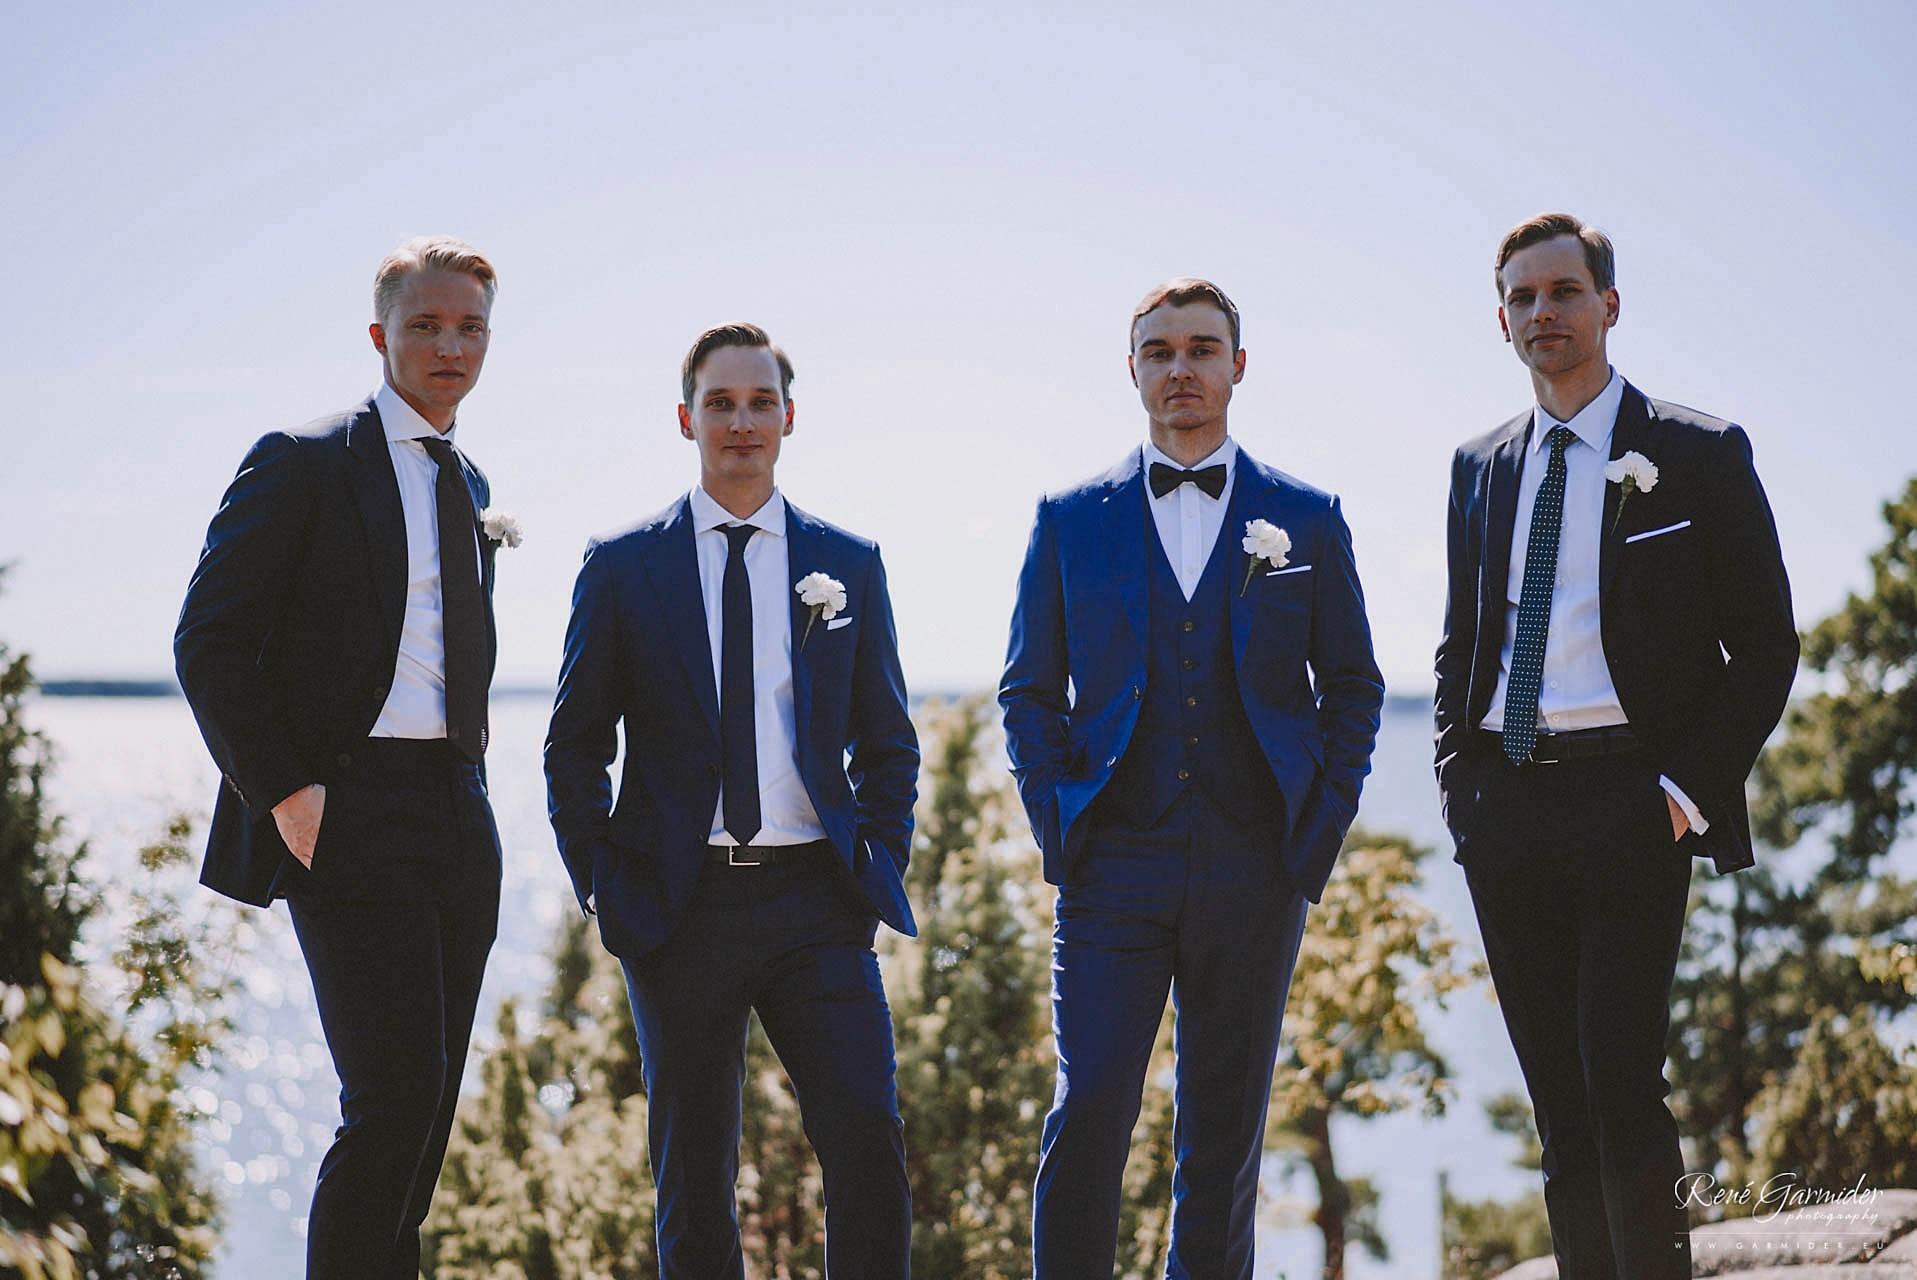 destination-wedding-photography-finland-miljookuvaus-haakuvaus-haakuvaaja-leena-juri-29